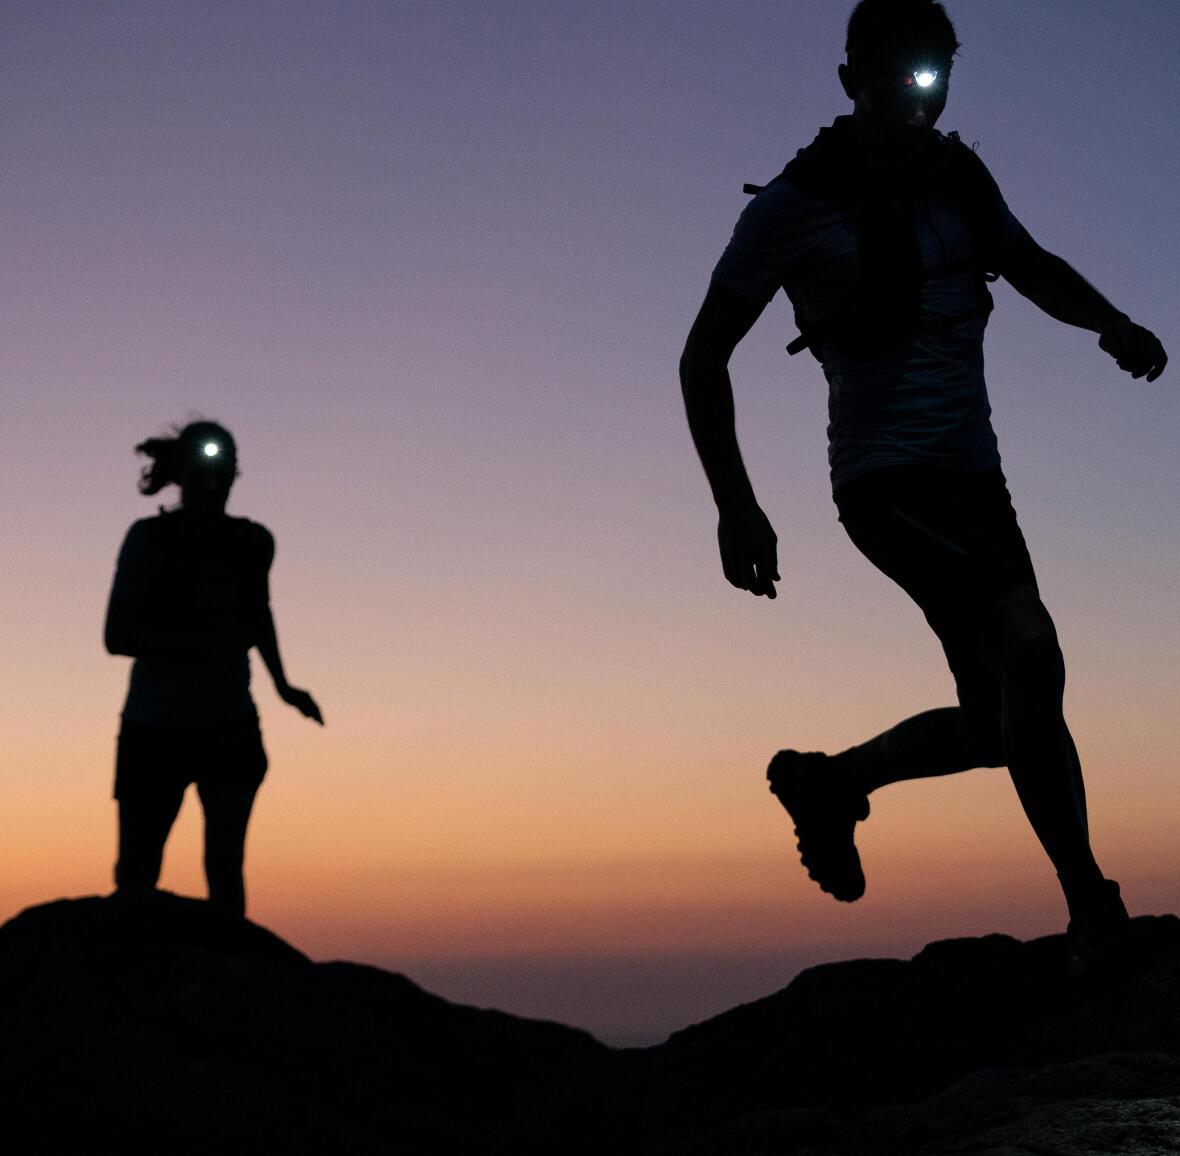 Comment courir pendant la nuit ?